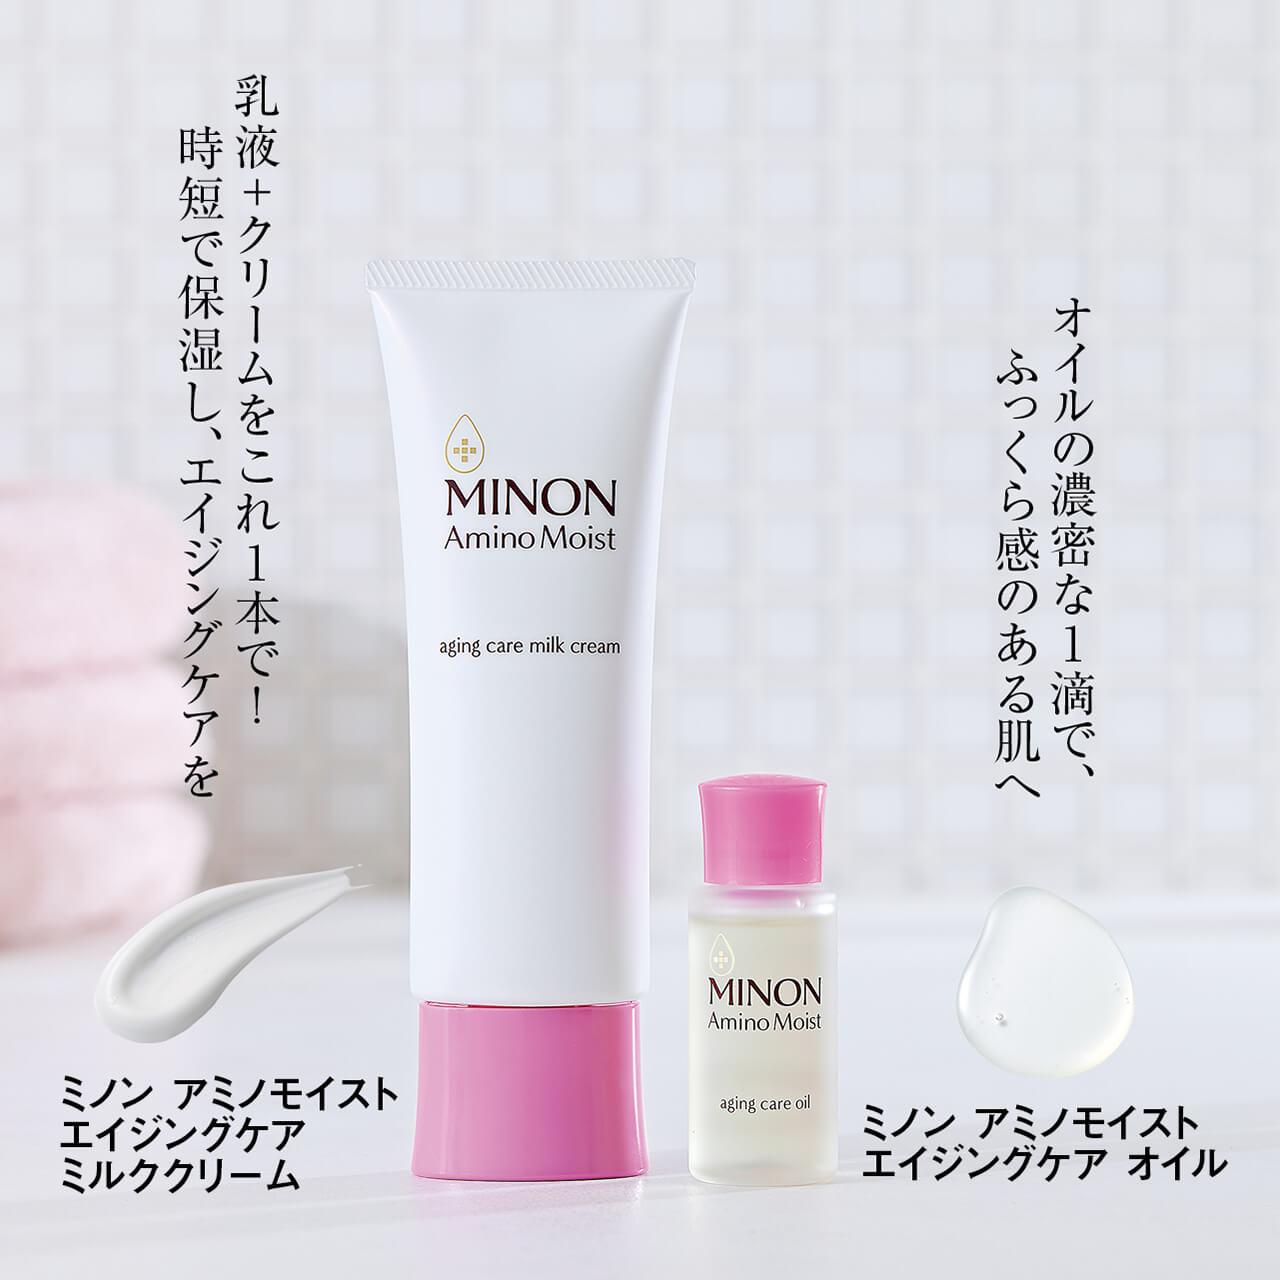 オイルの濃密な1滴で、ふっくら感のある肌へ ミノン アミノモイスト エイジングケア オイル 乳液+クリームをこれ1本で!時短で保湿し、エイジングケアを ミノン アミノモイスト エイジングケアミルククリーム